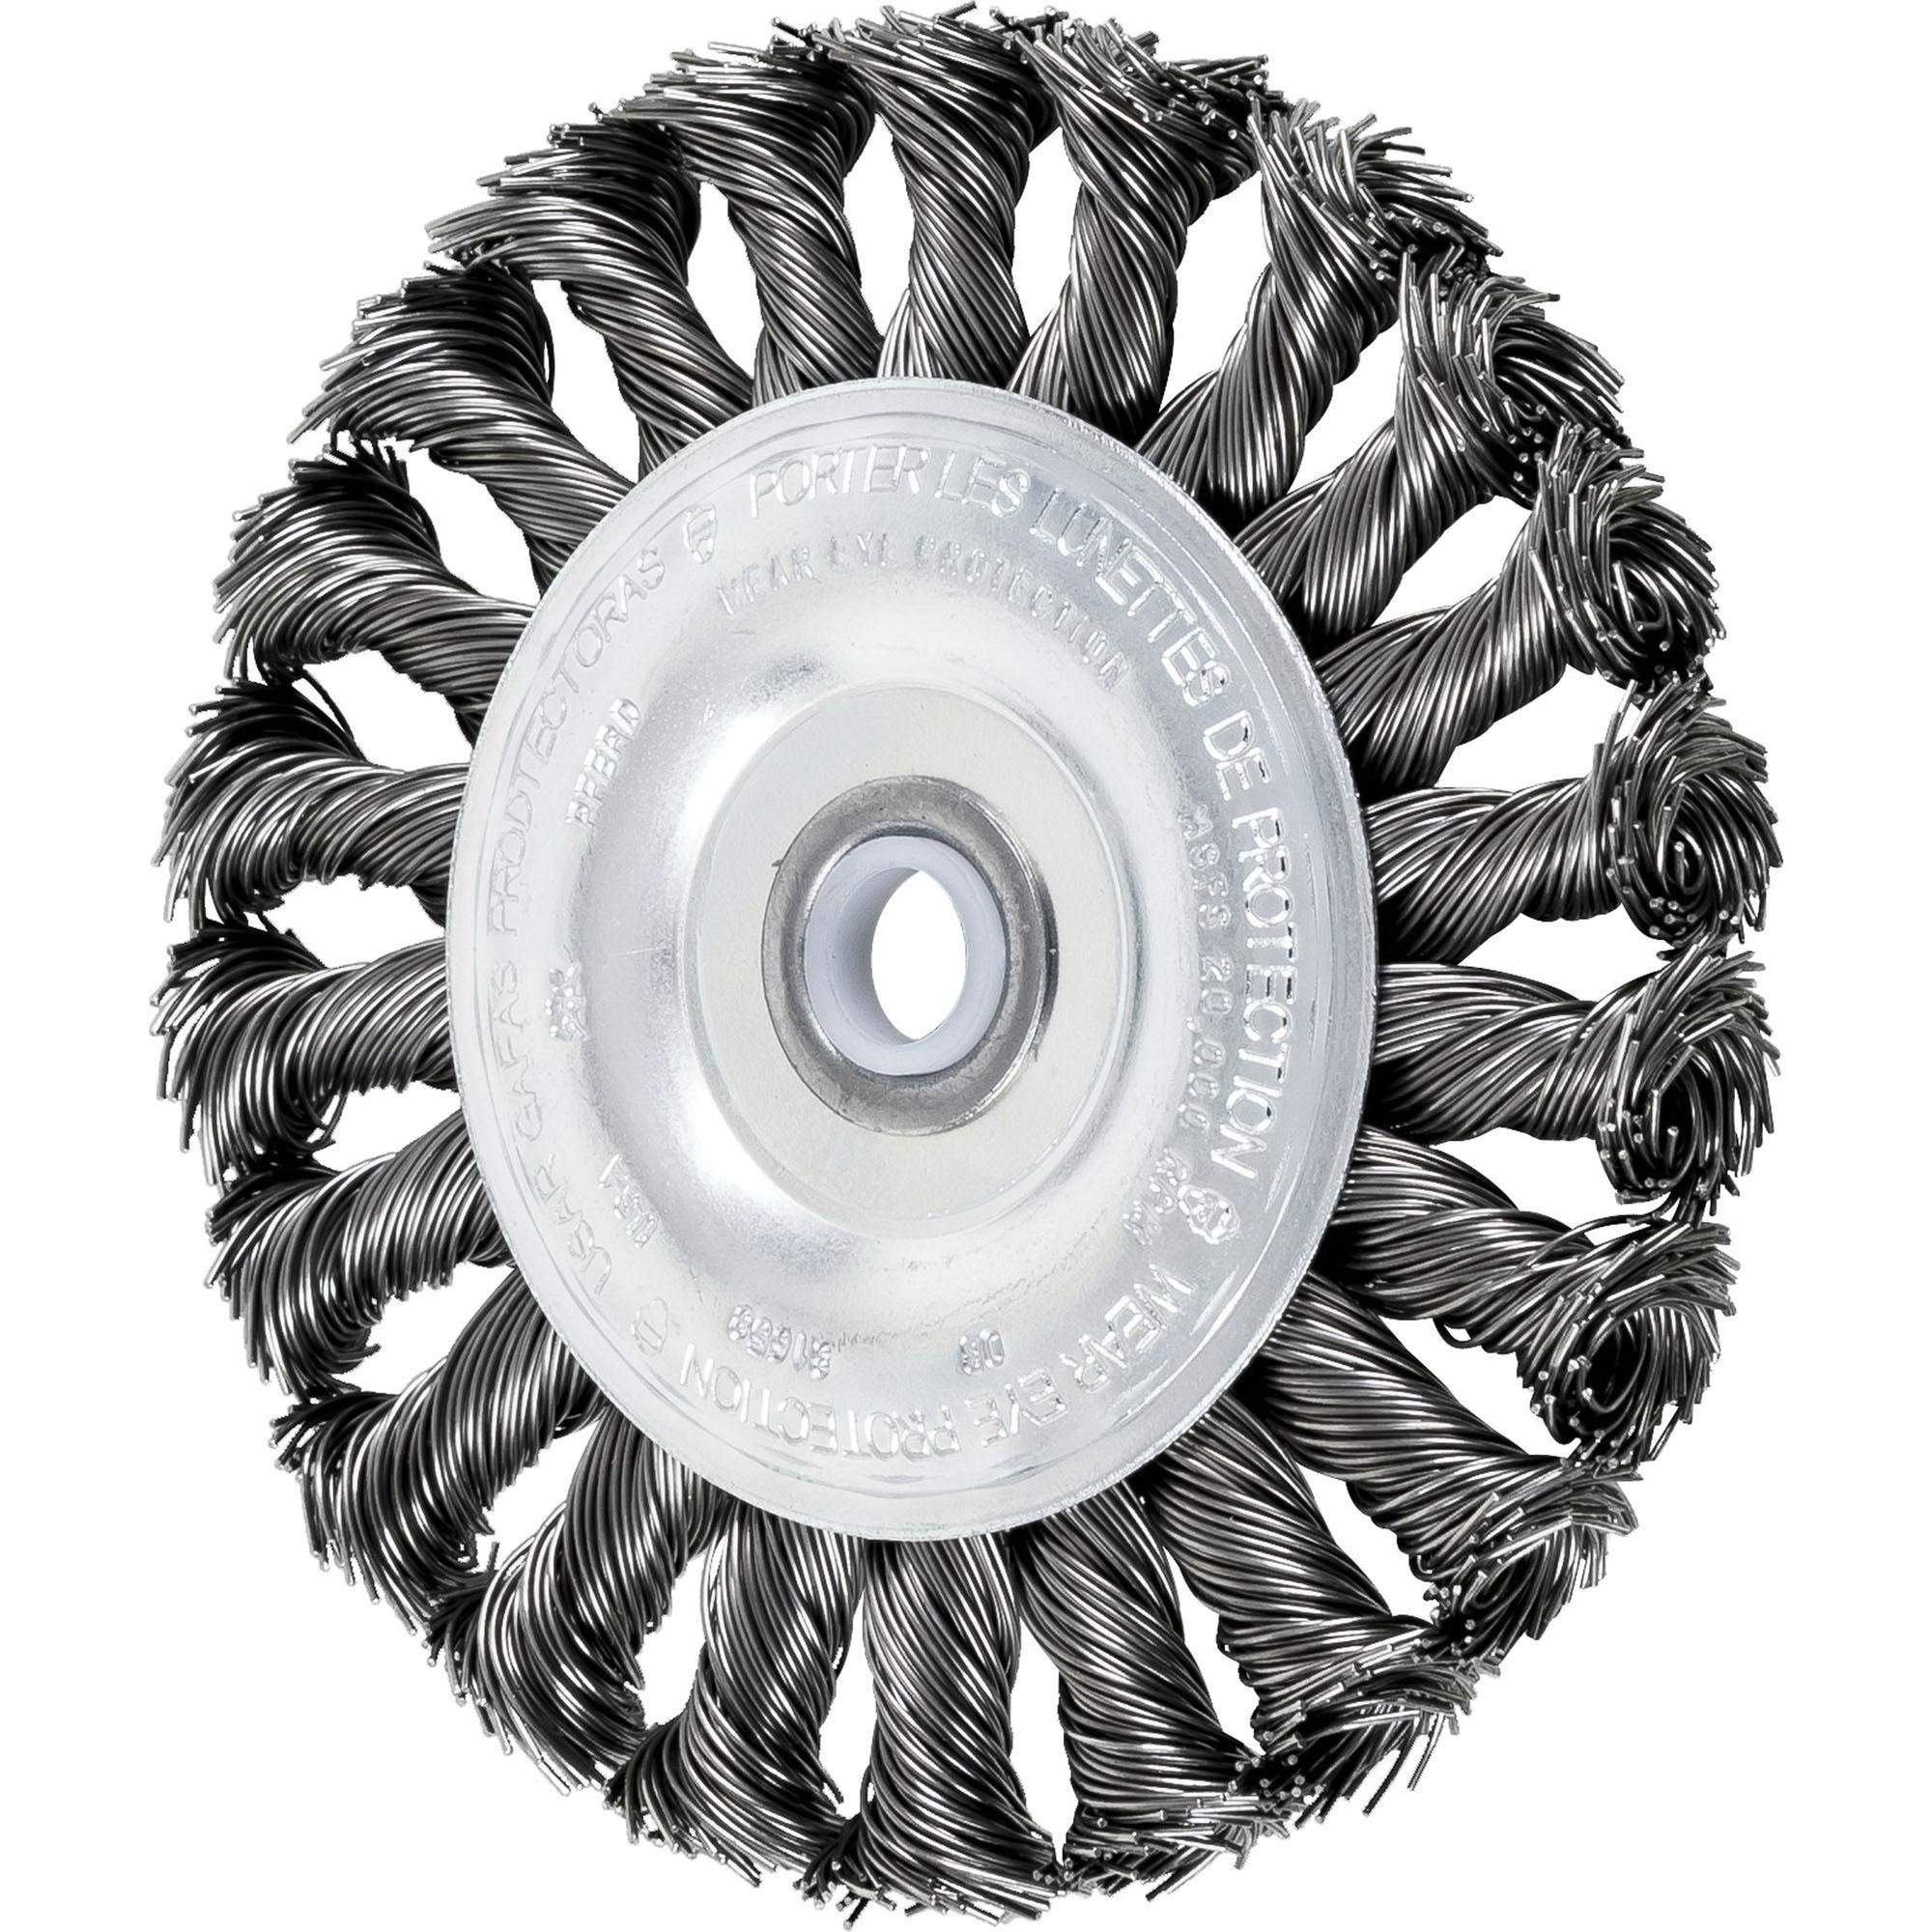 PFERD 763926 Carbon Steel Knot Wire Standard Twist Wheel Brush, 4 in Dia, 1/2 in, 20000 rpm